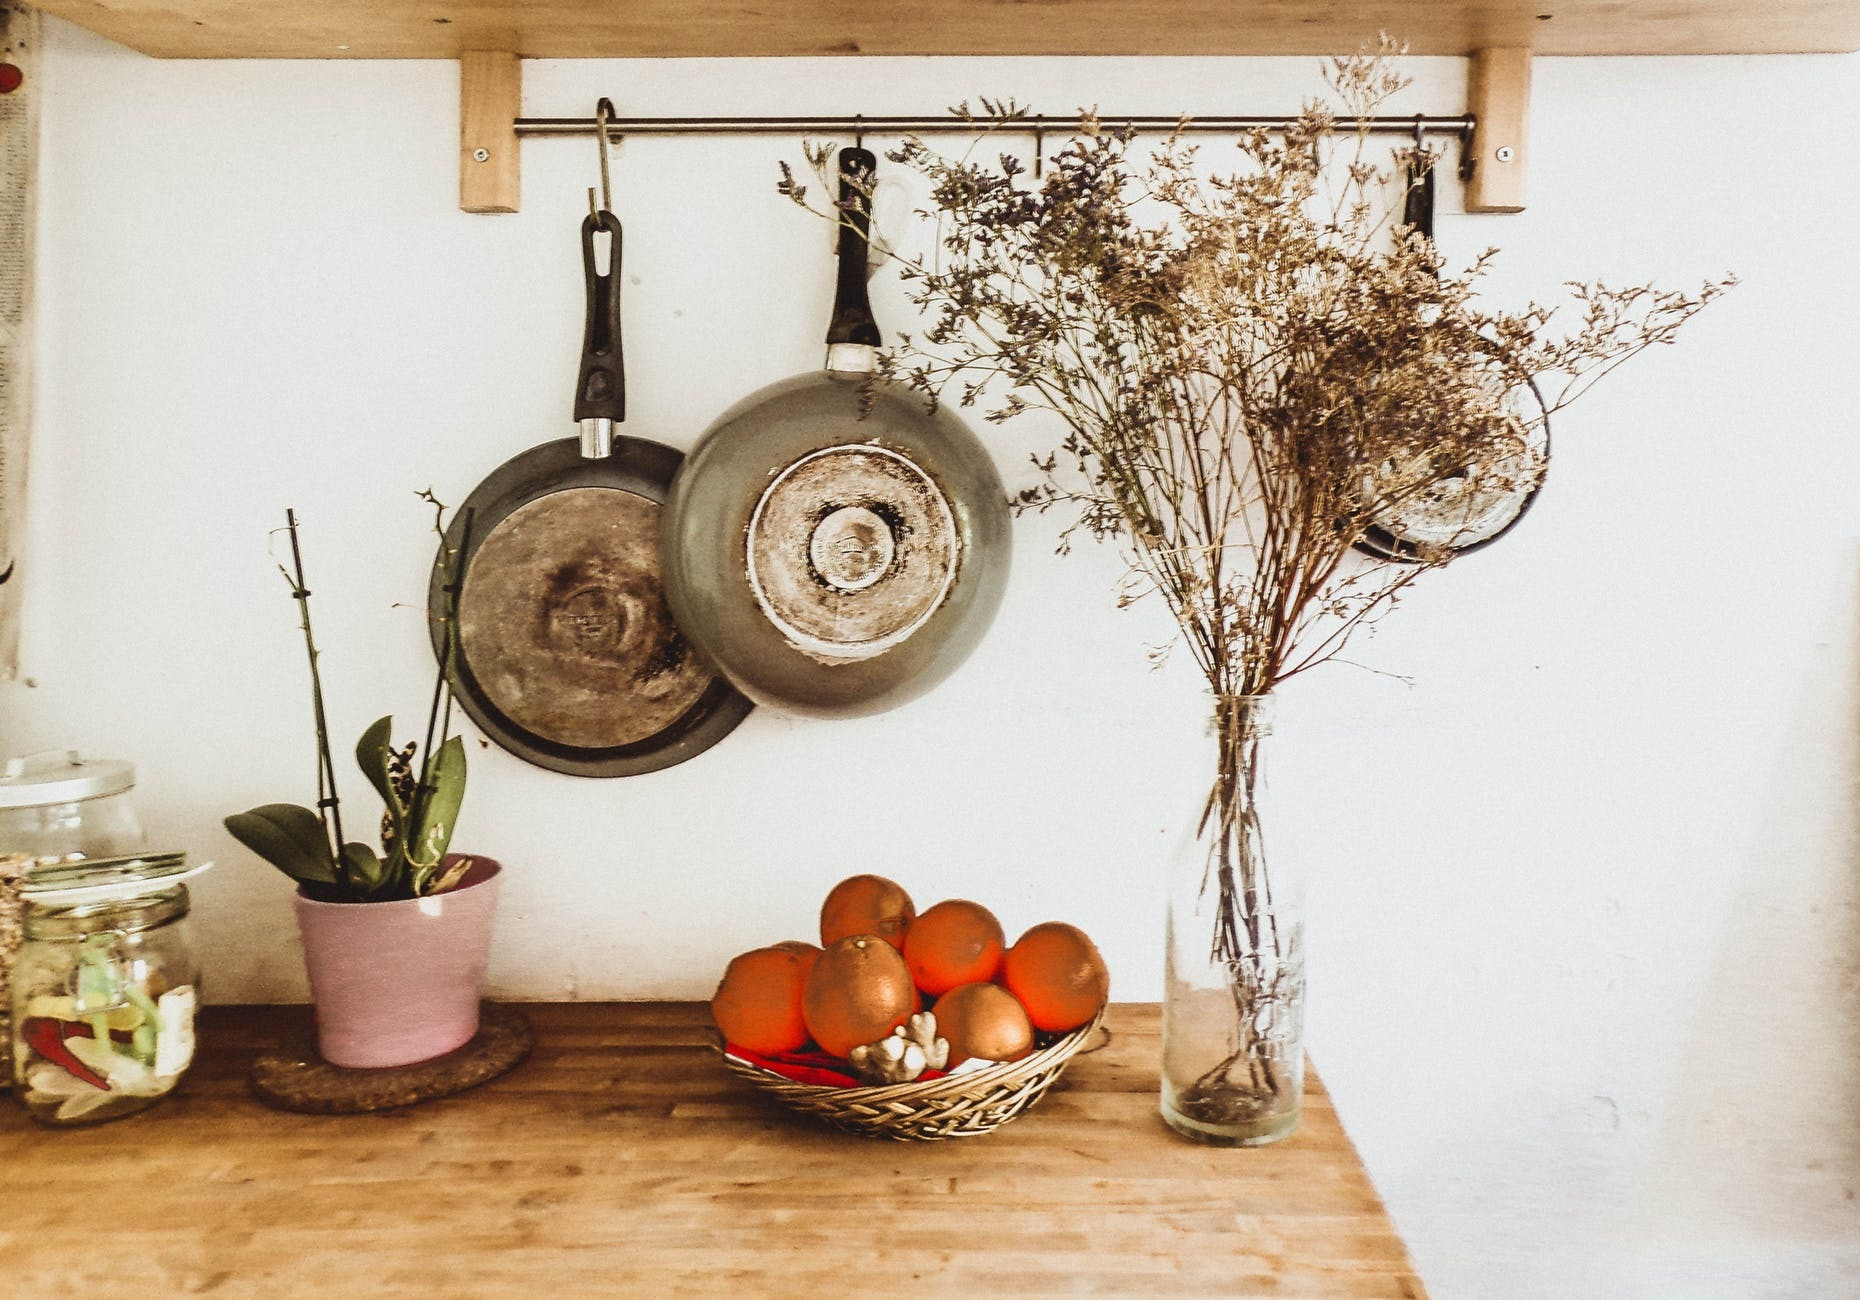 Kuchnia Bez Gornych Szafek Opinie Wnetrza I Praktycznosc Kuchni Bez Szafek Wiszacych Primagran